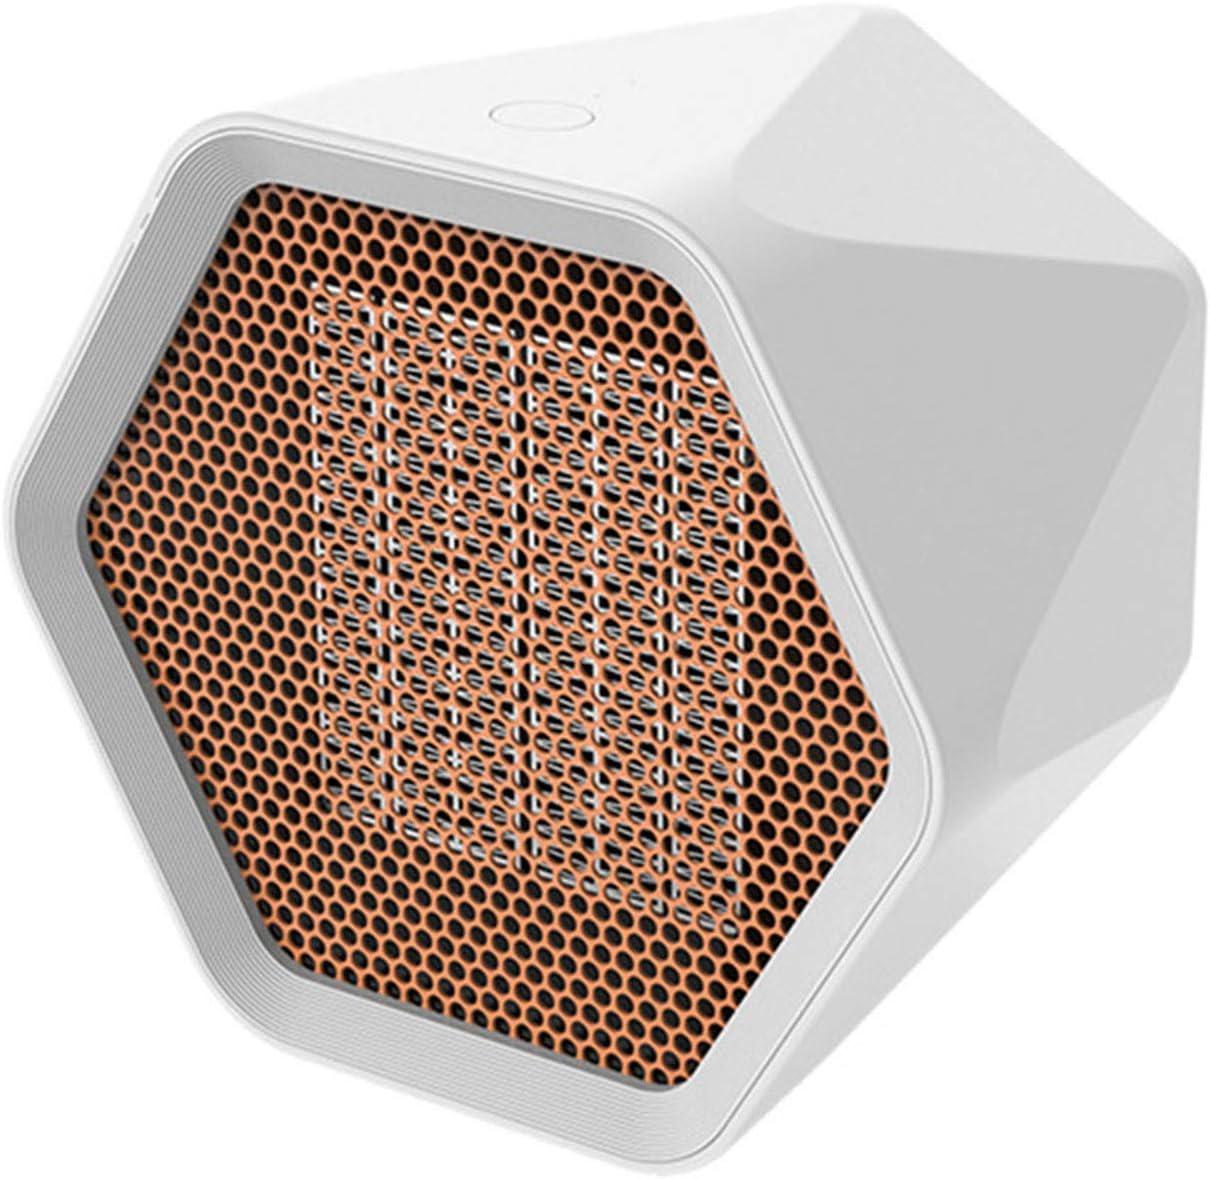 Clenp Calefacción De La Sala De Calderas con Control Inteligente De Temperatura, Mini Termoventilador Eléctrico con Elemento Calefactor Cerámico Y Protección contra Sobrecalentamiento, 600W / 1000W